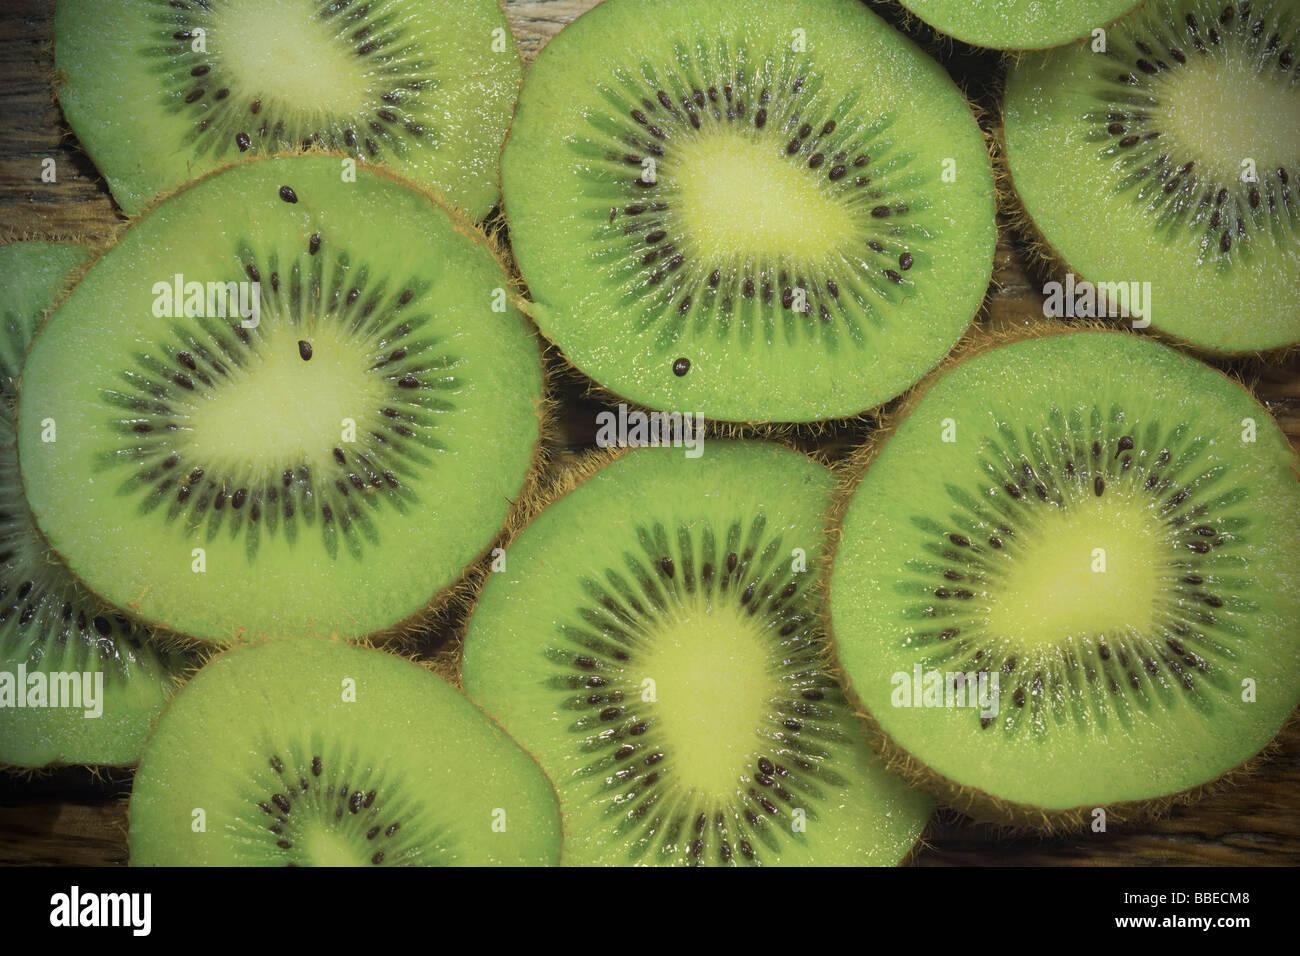 Close-up of Kiwi Slices Stock Photo